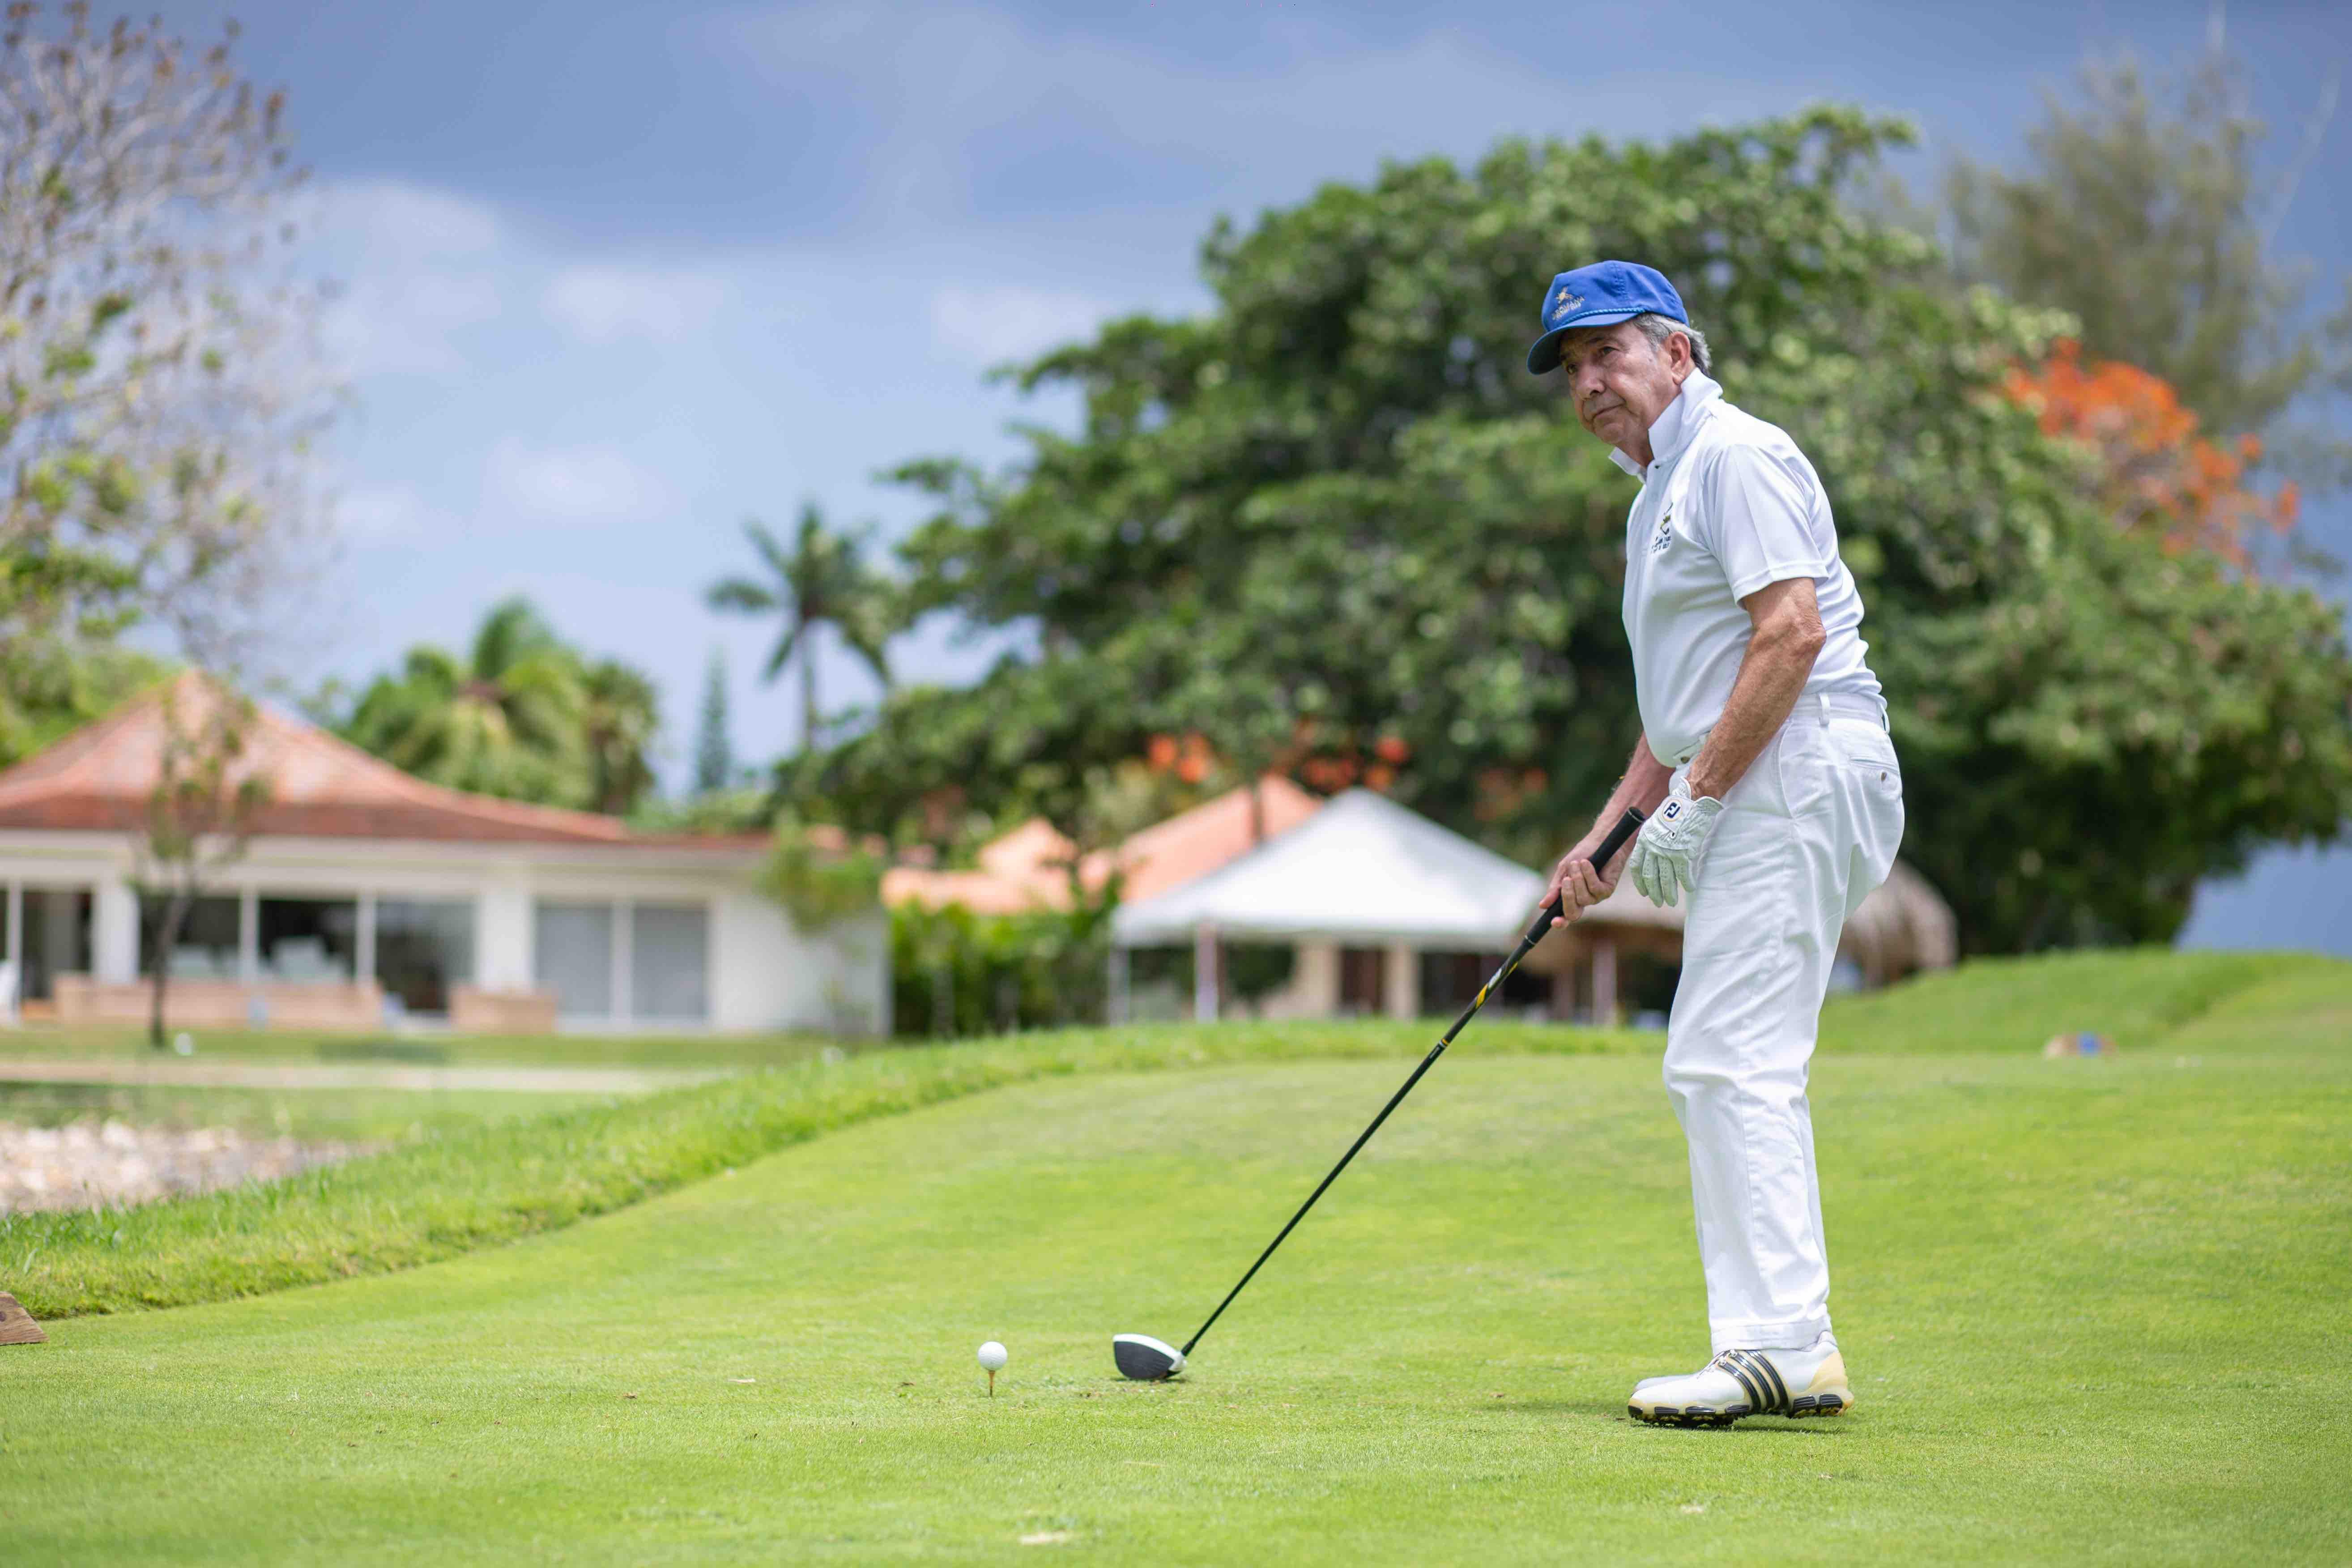 Alfonso Paniagua en el torneo de golf